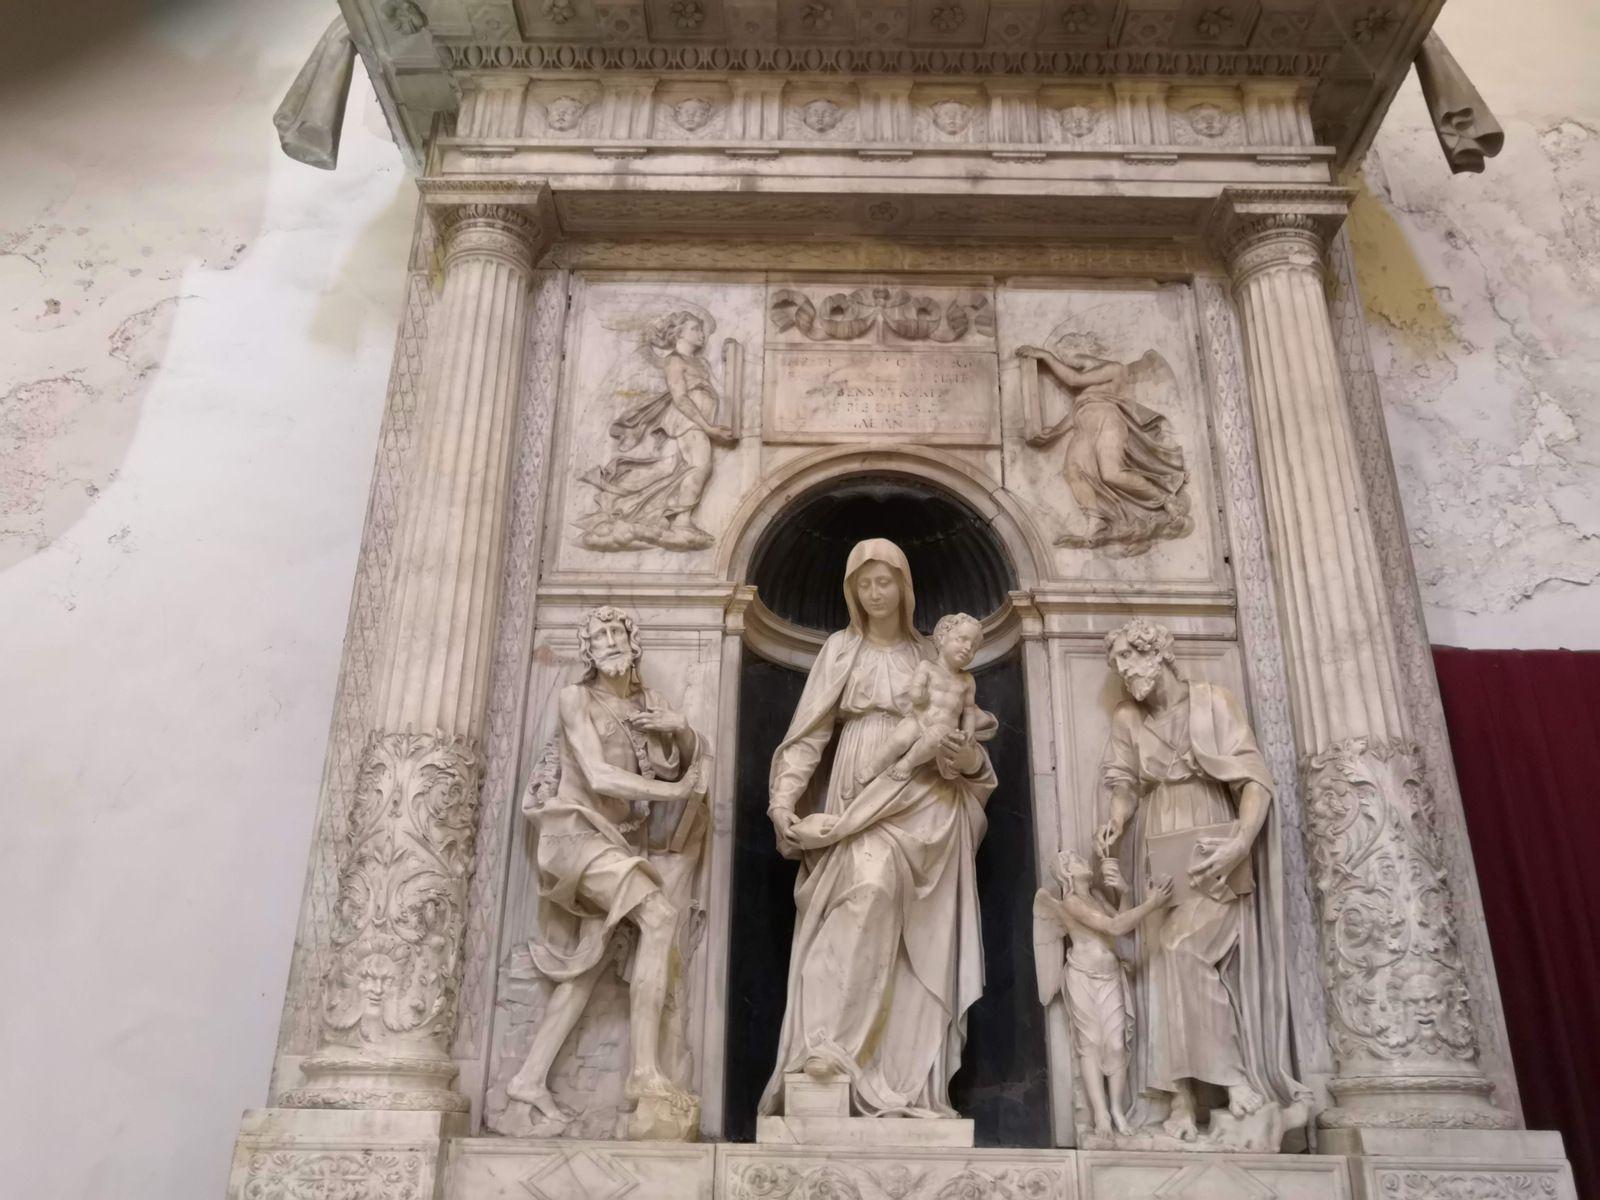 Giovanni da Nola (1488-1559), Cappella della Madonna della Neve